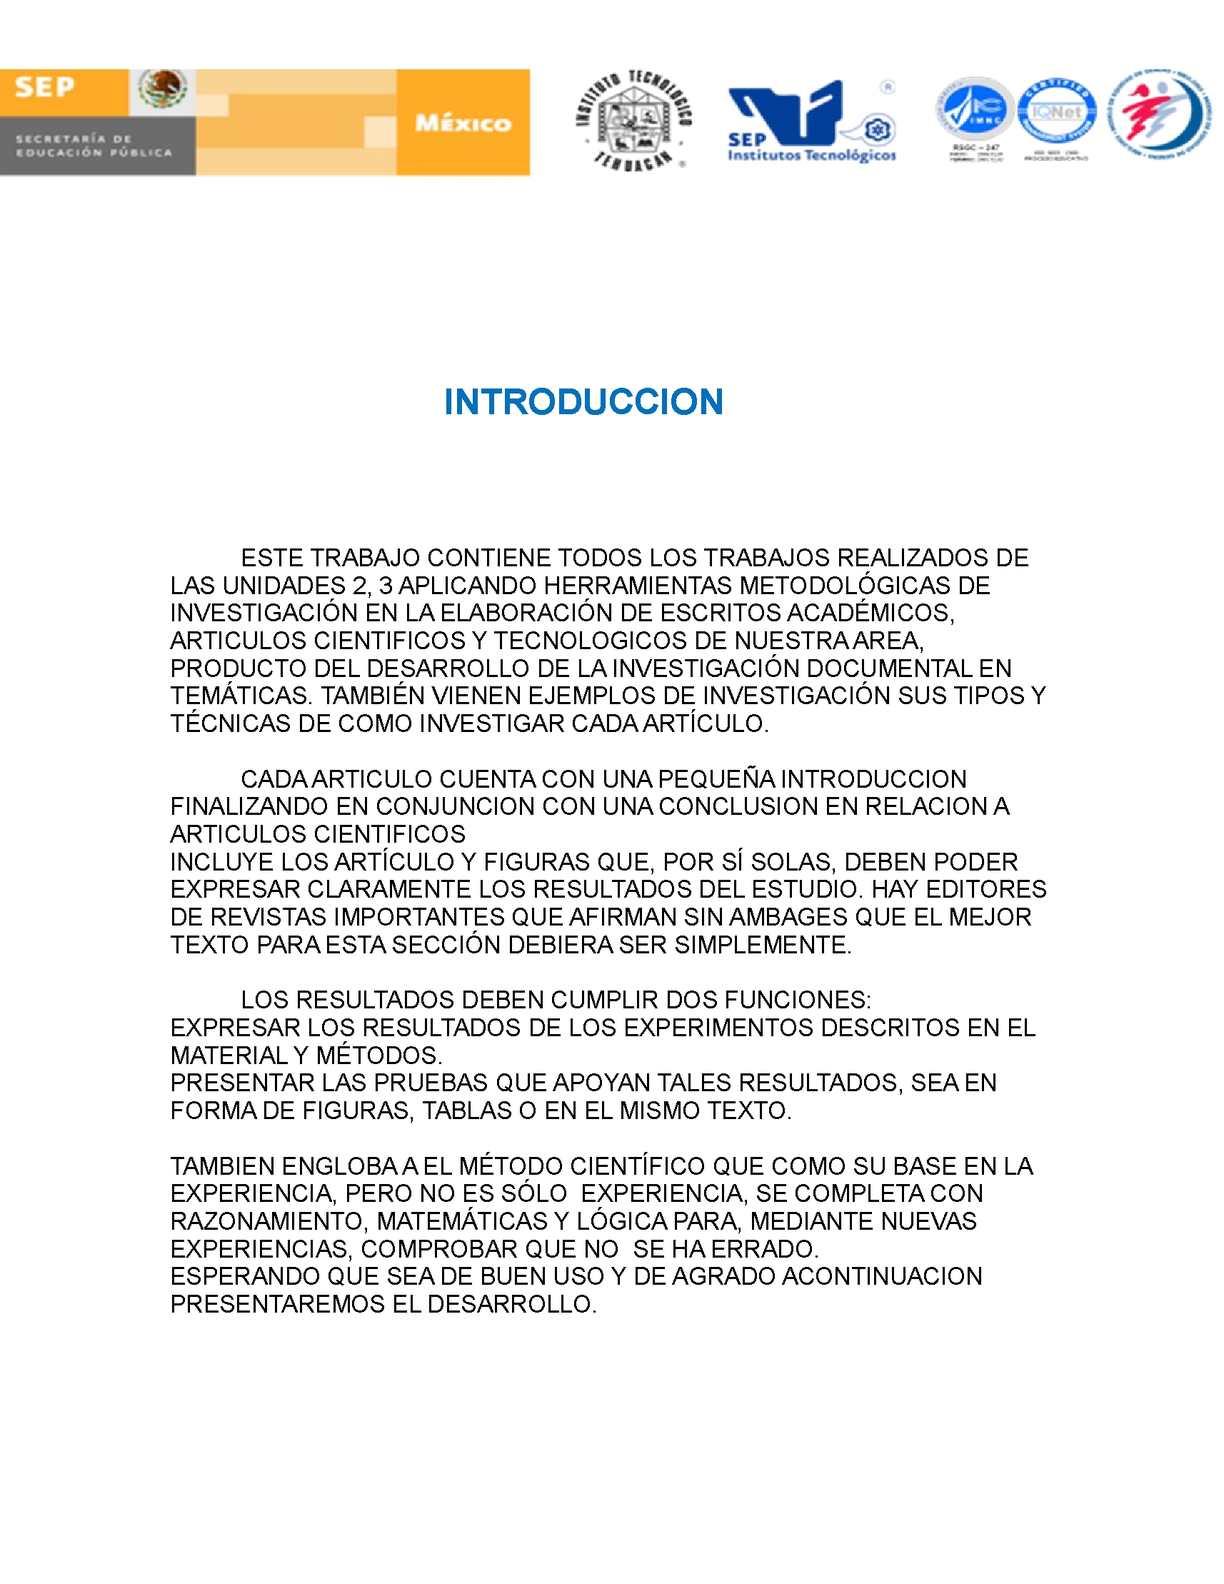 Calaméo - INTRODUCCIO1